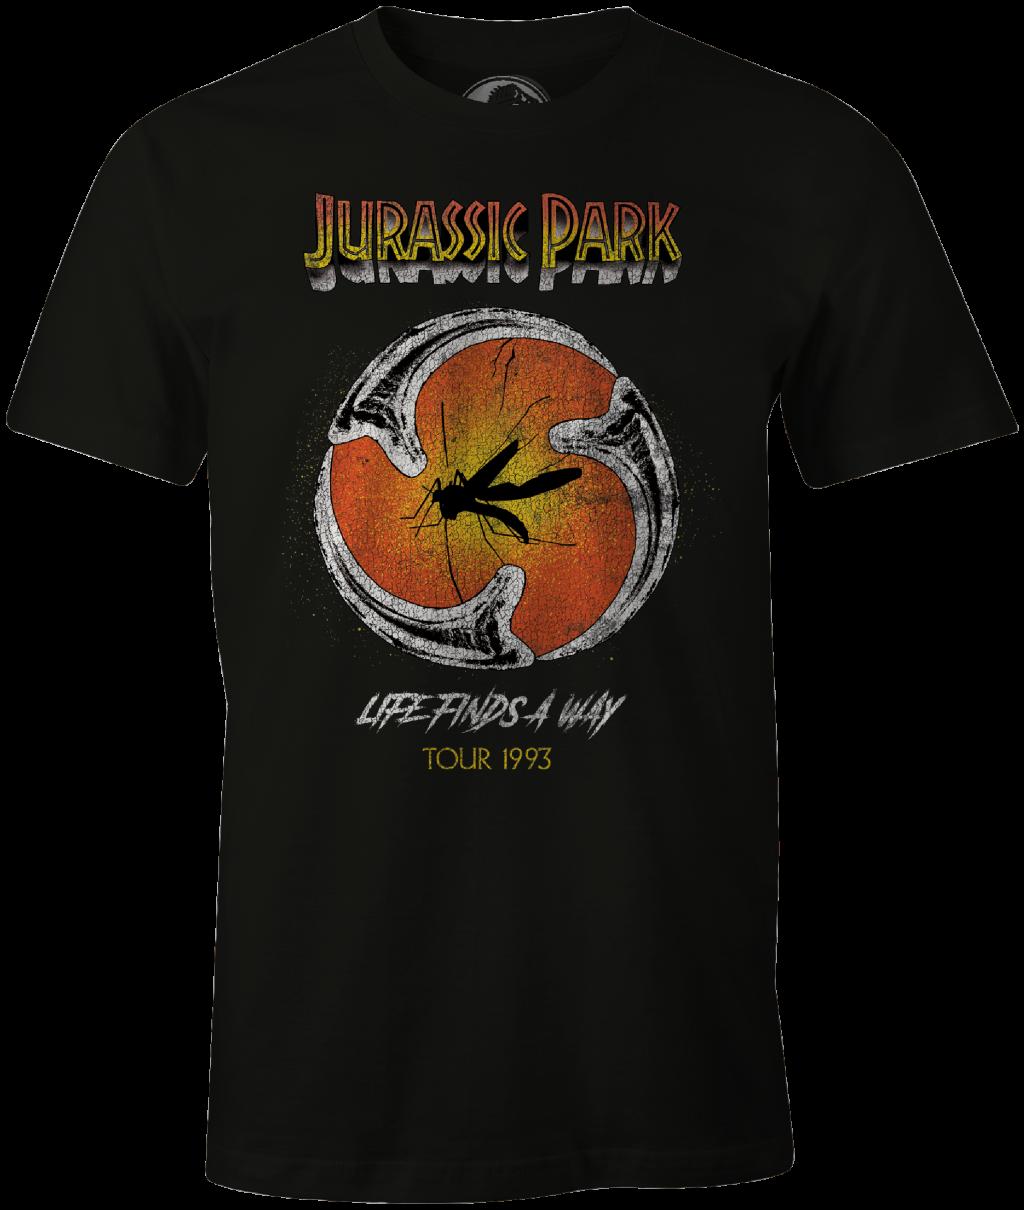 JURASSIC PARK - T-Shirt Moustic Tour 1993 (M)